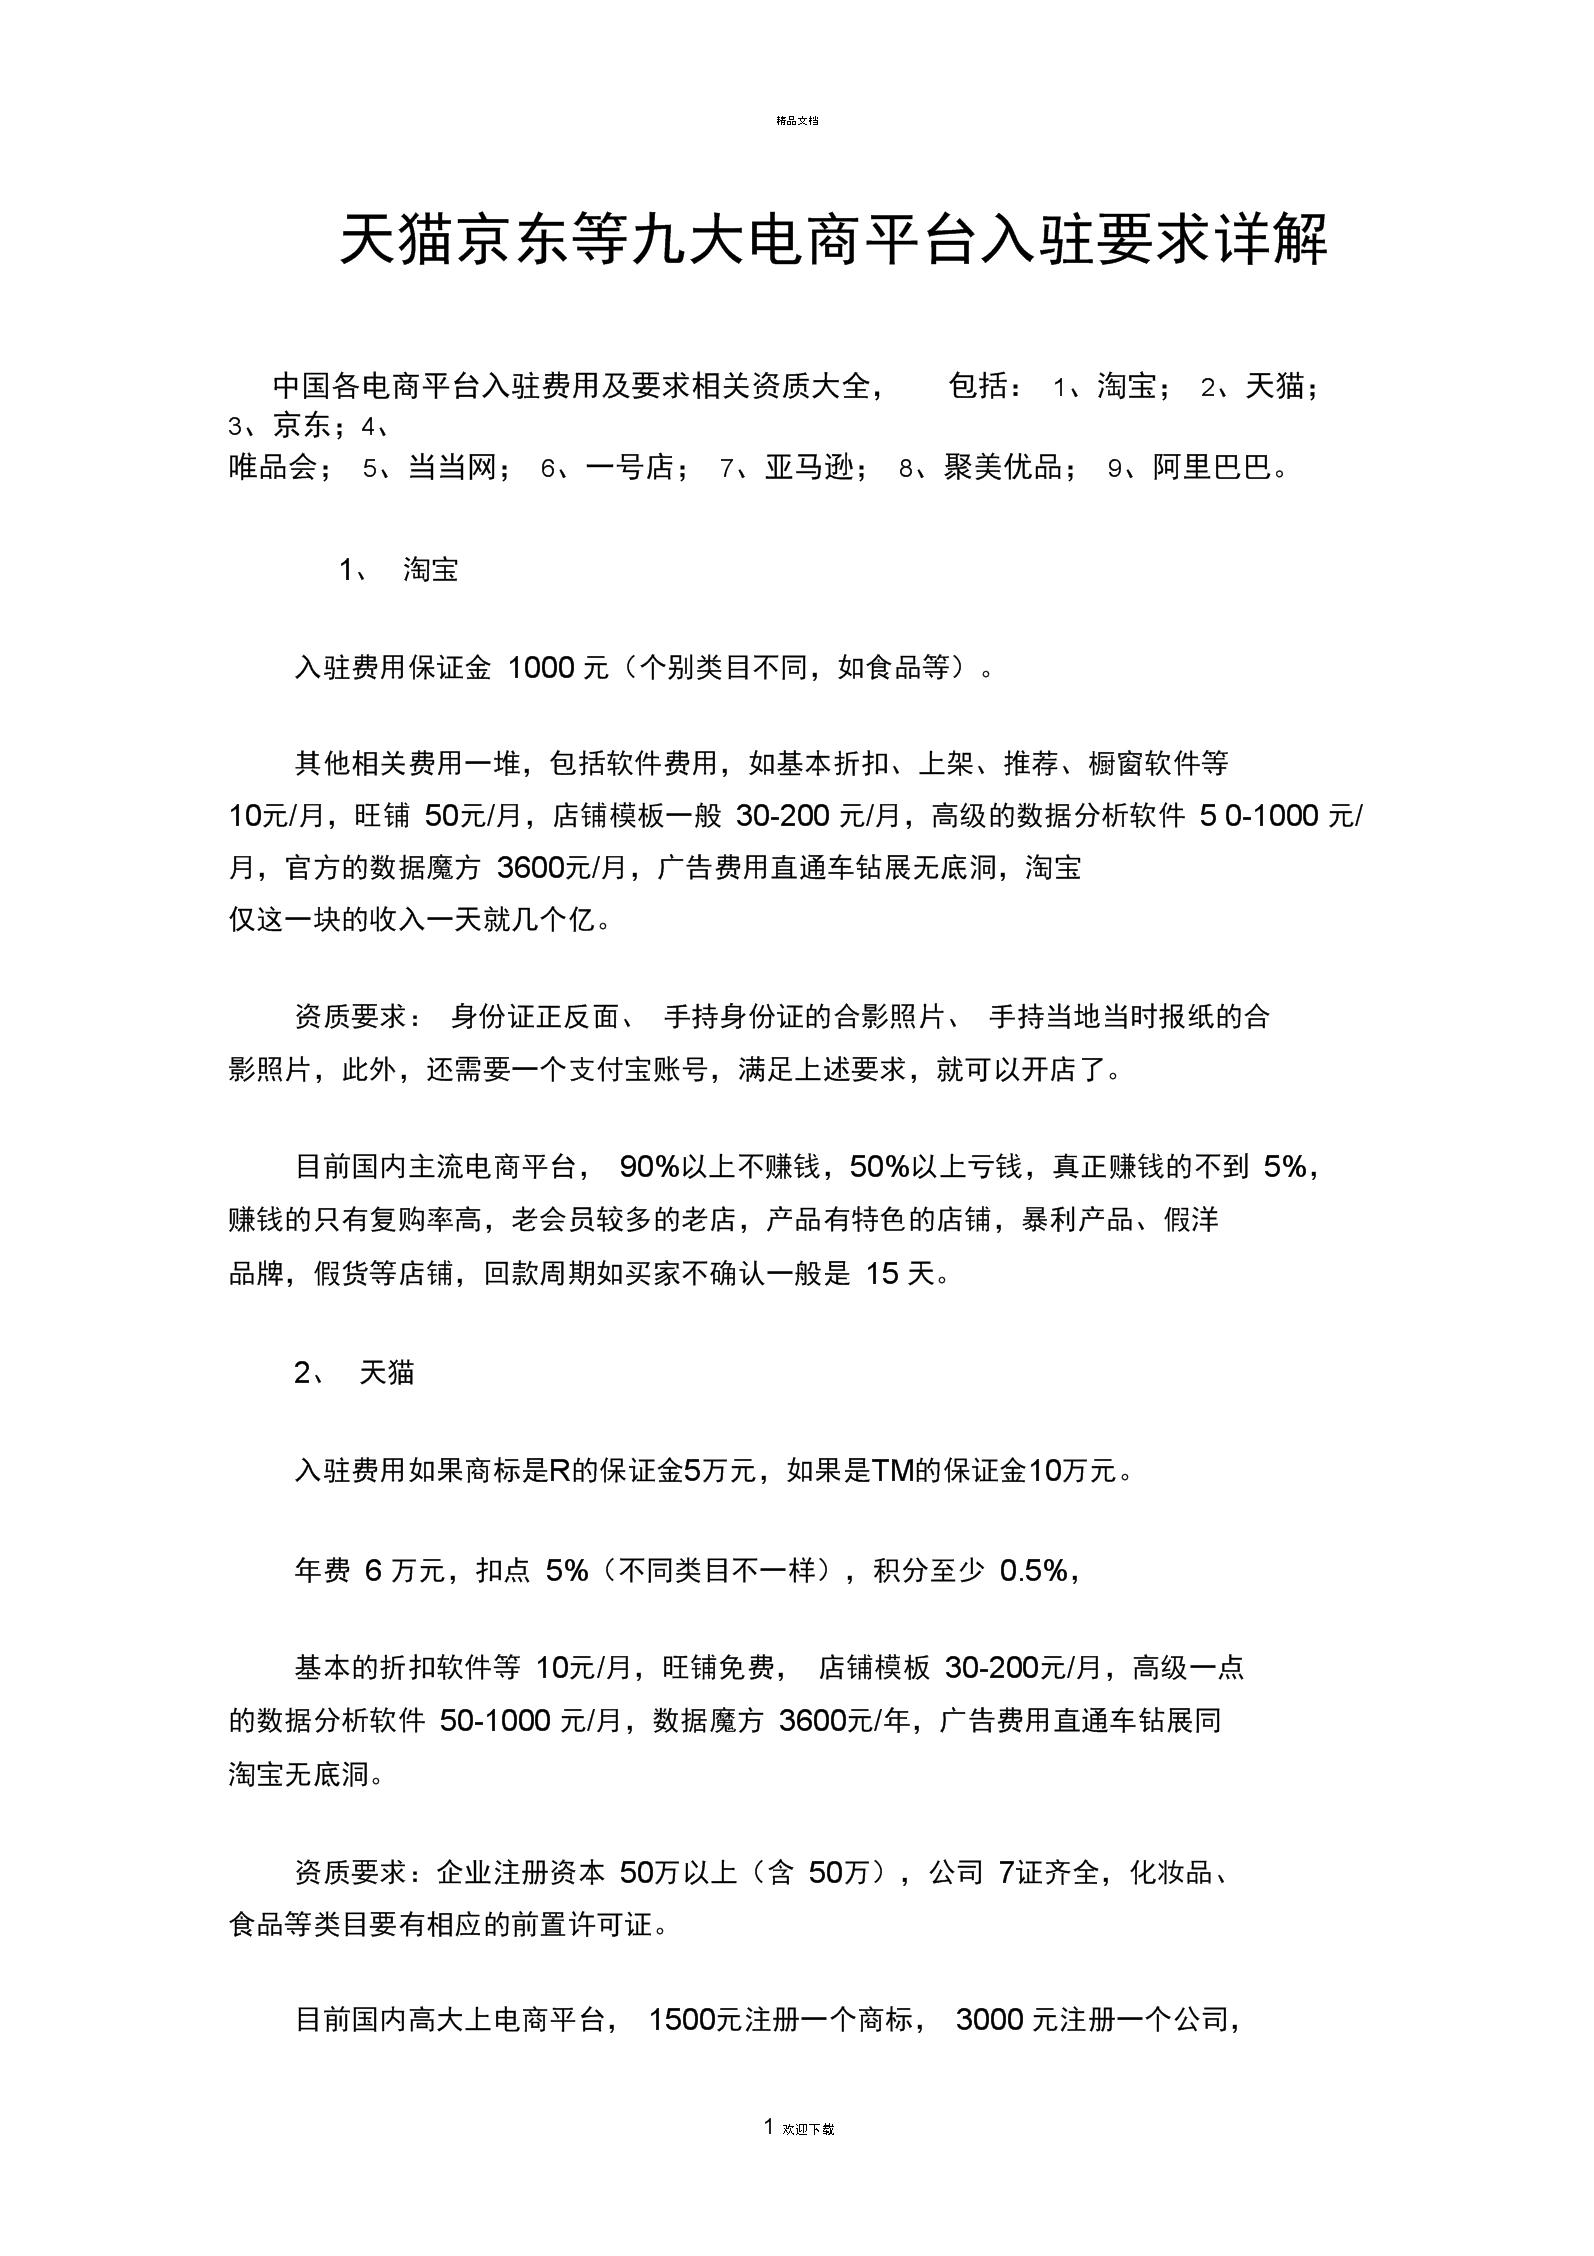 2020年新版天猫京东等九大电商平台入驻要求详解.docx